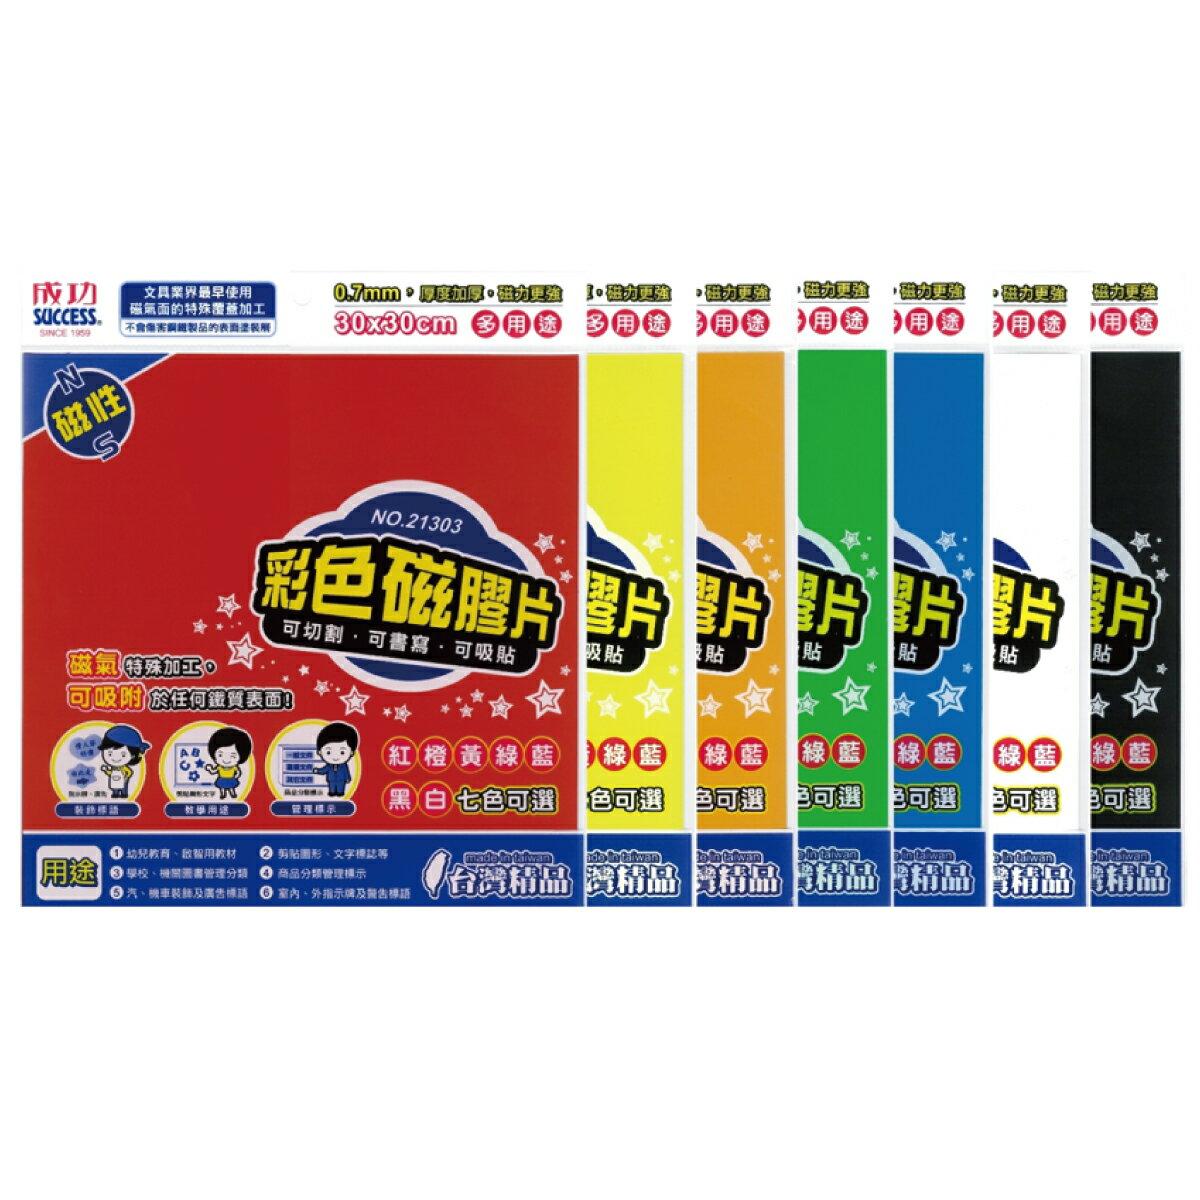 成功軟磁片/30X30彩色磁膠片 21303